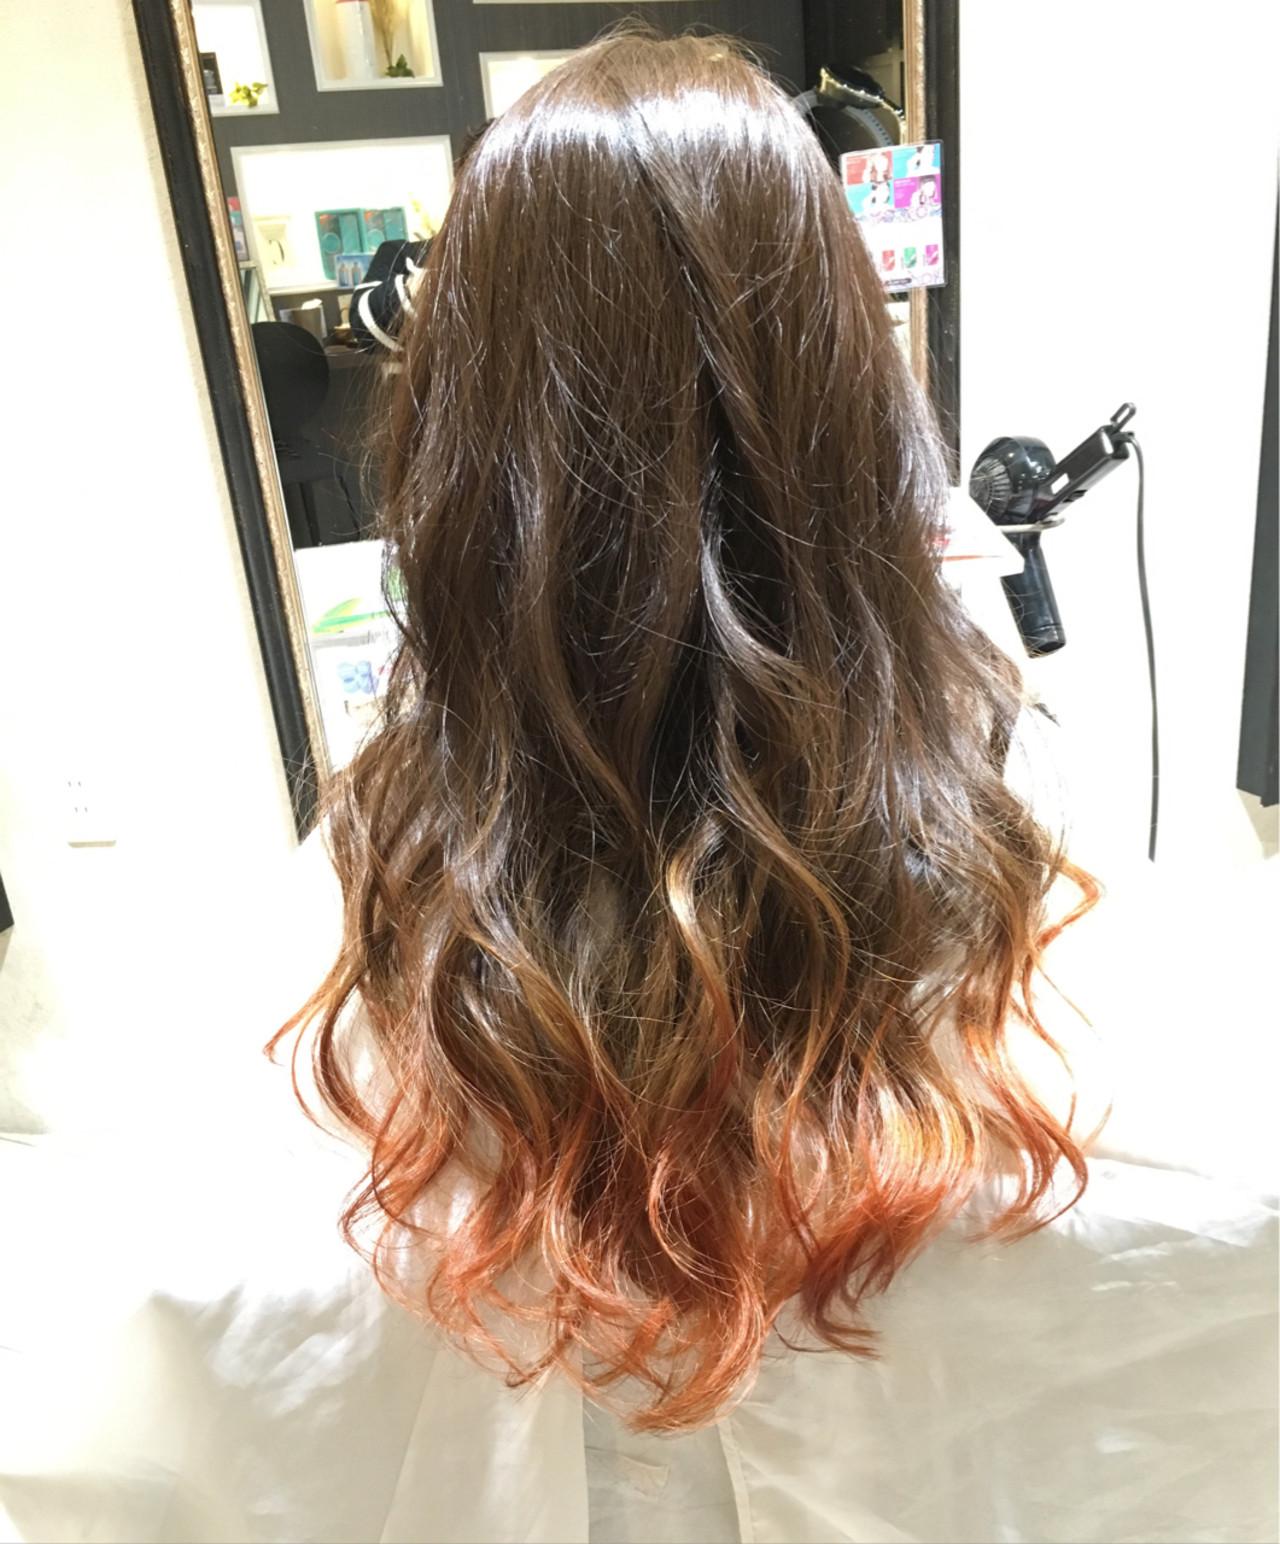 ハイライト アッシュ ロング ピンク ヘアスタイルや髪型の写真・画像